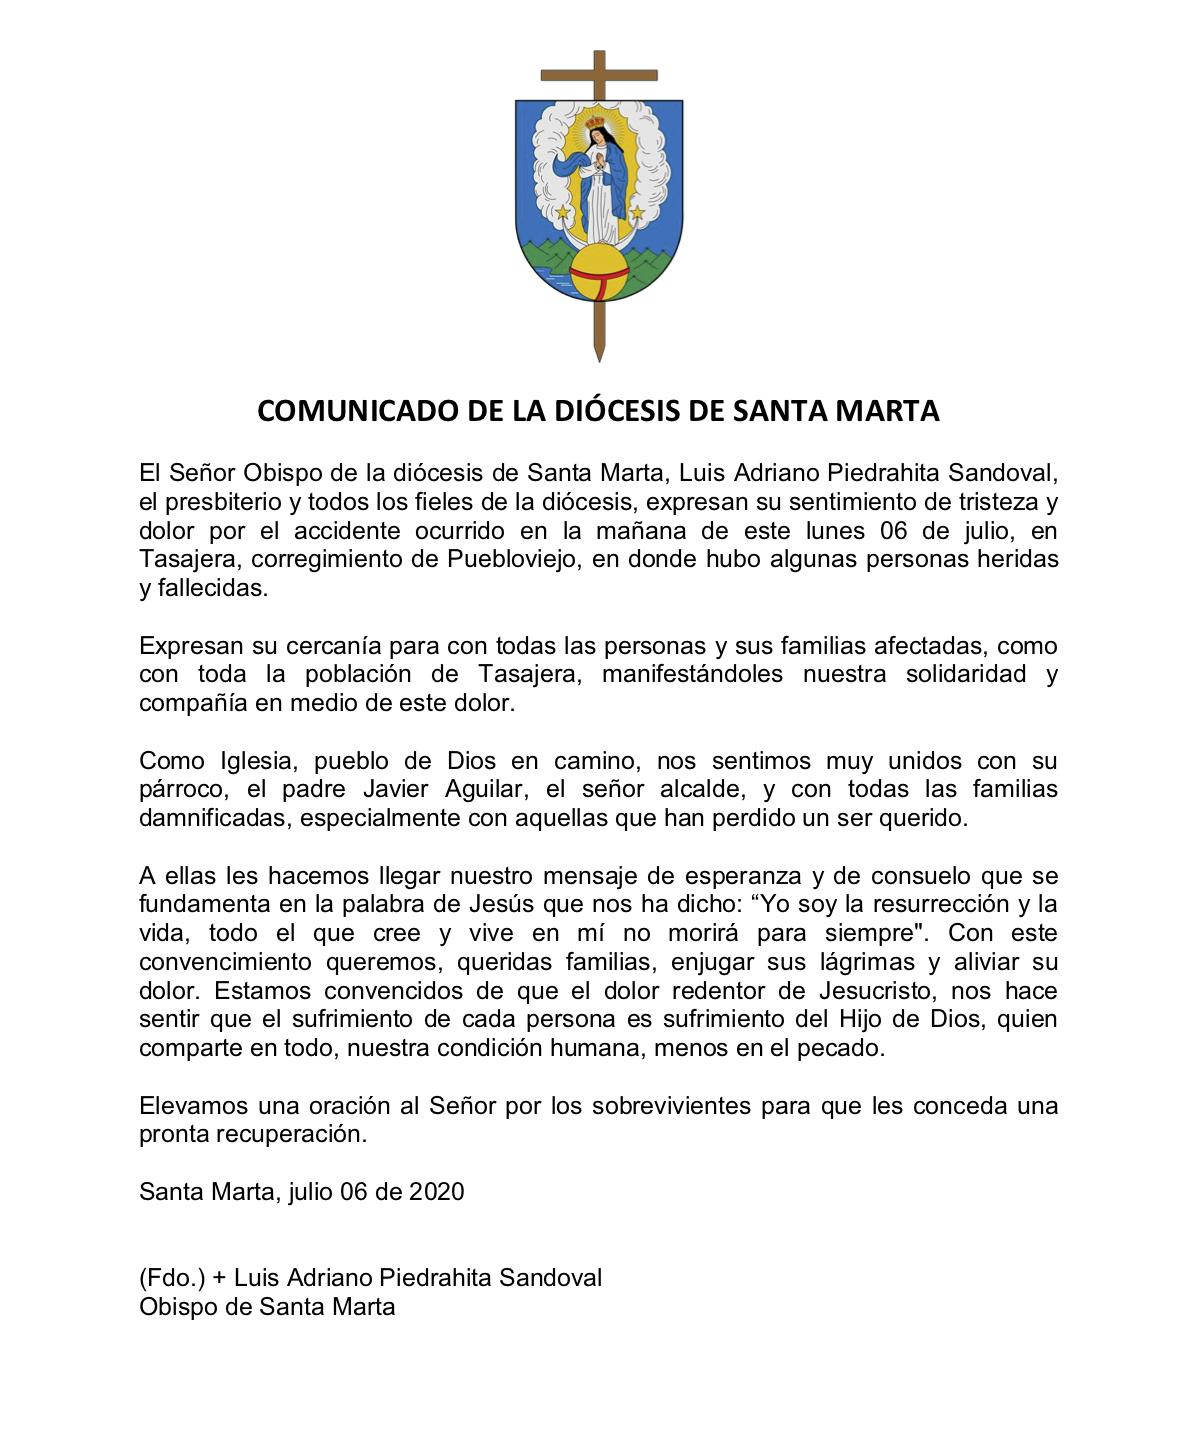 Comunicado-diocesis-santa-marta-condolencia-familias